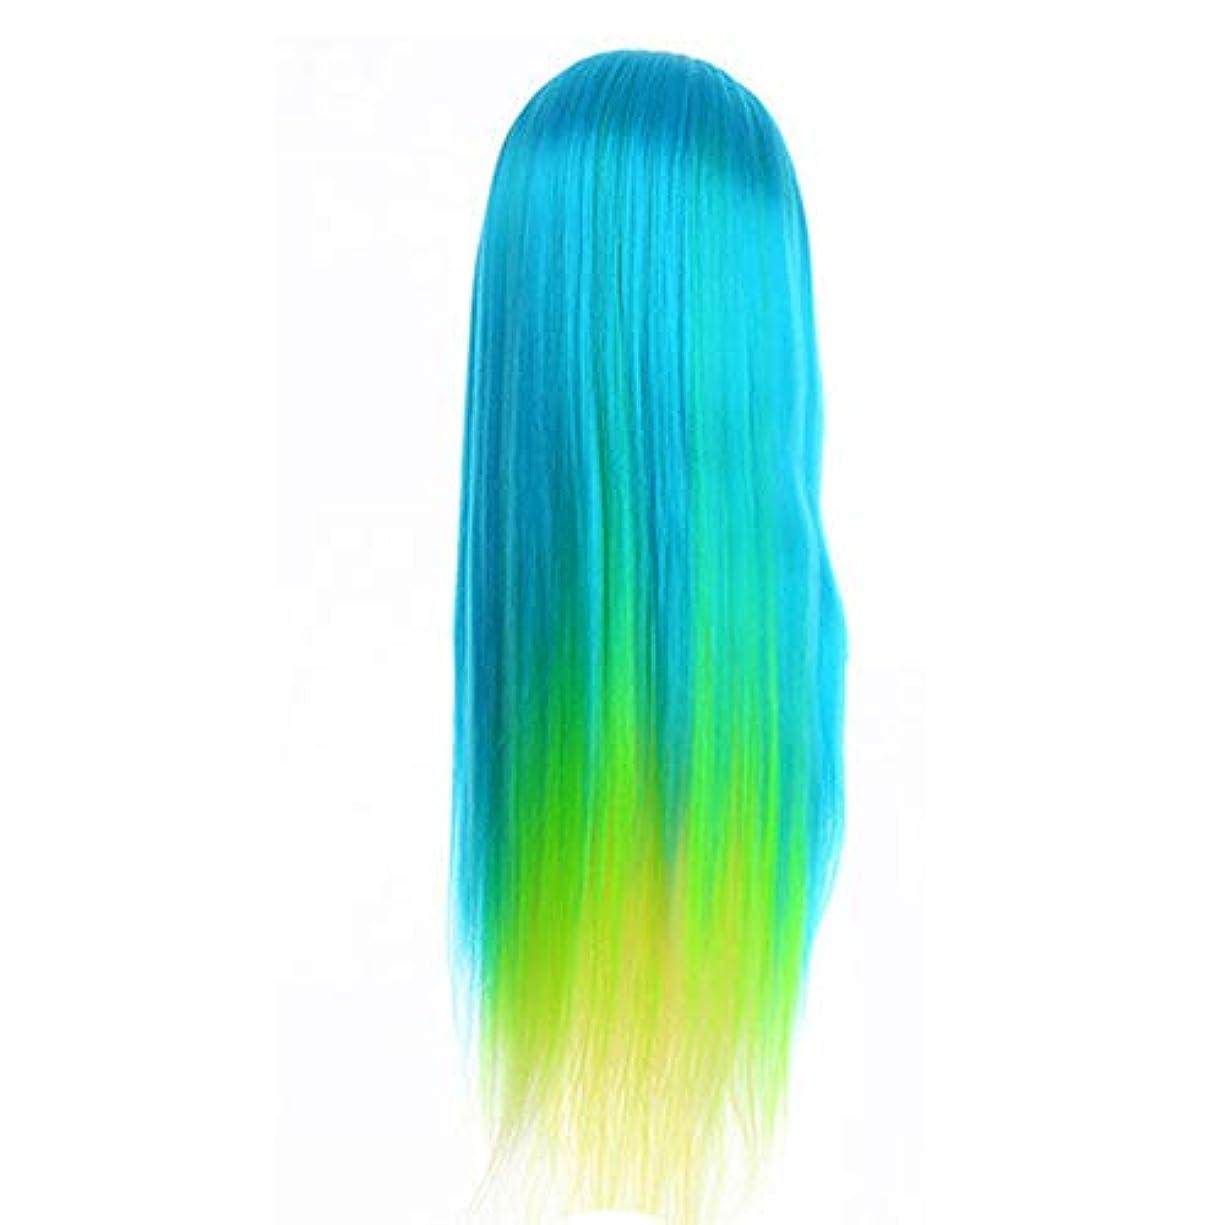 プログラム中境界サロン散髪練習ヘッドモデルメイク学校編組髪開発学習モデルヘッドヘアストレートロングかつら